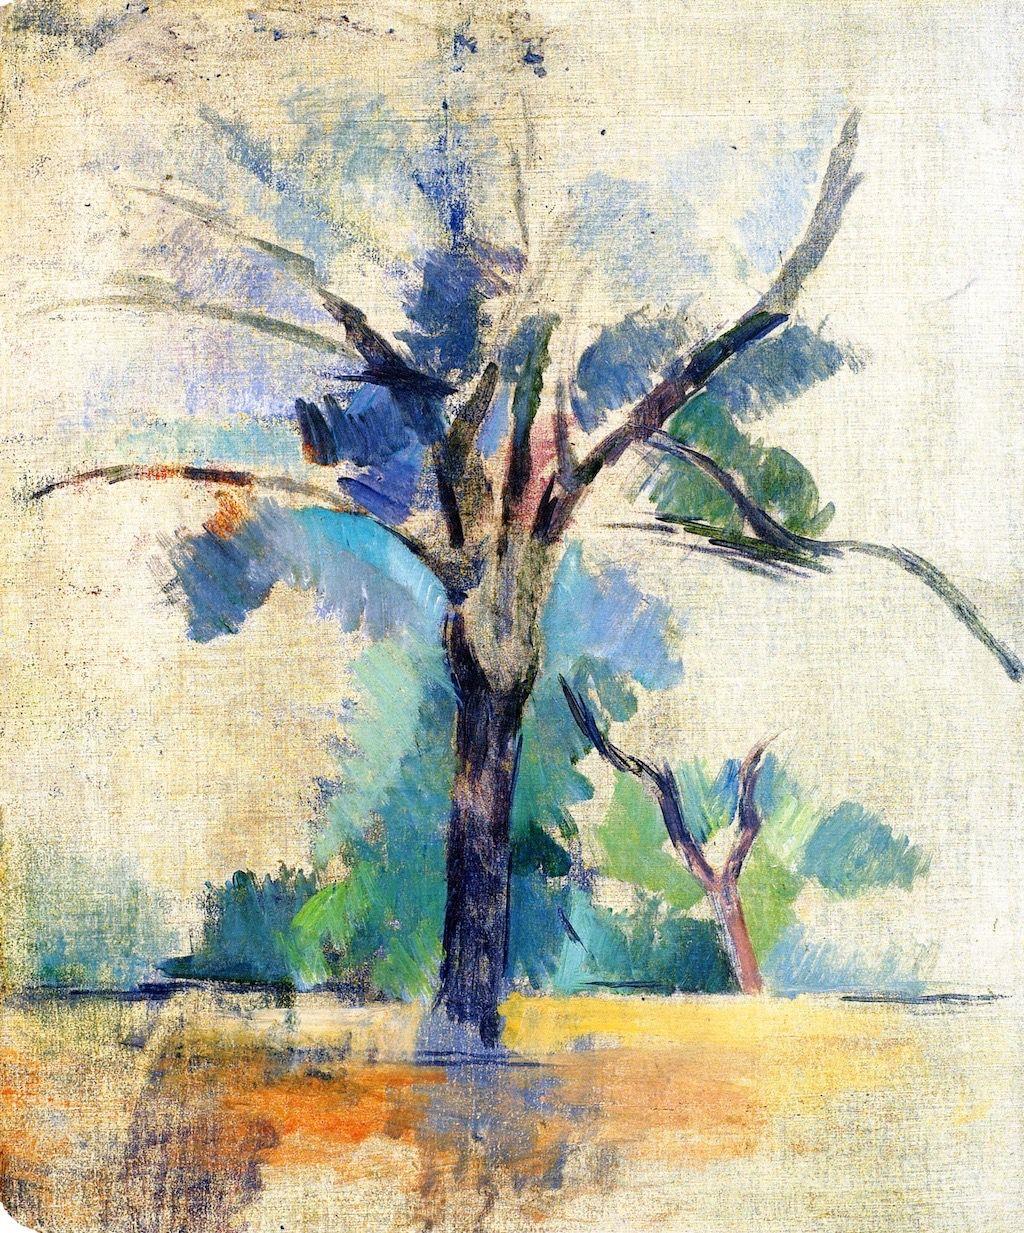 Paul Cezanne - Trees | Art, Paul Cezanne, Painting pour Paul Cezanne Oeuvres